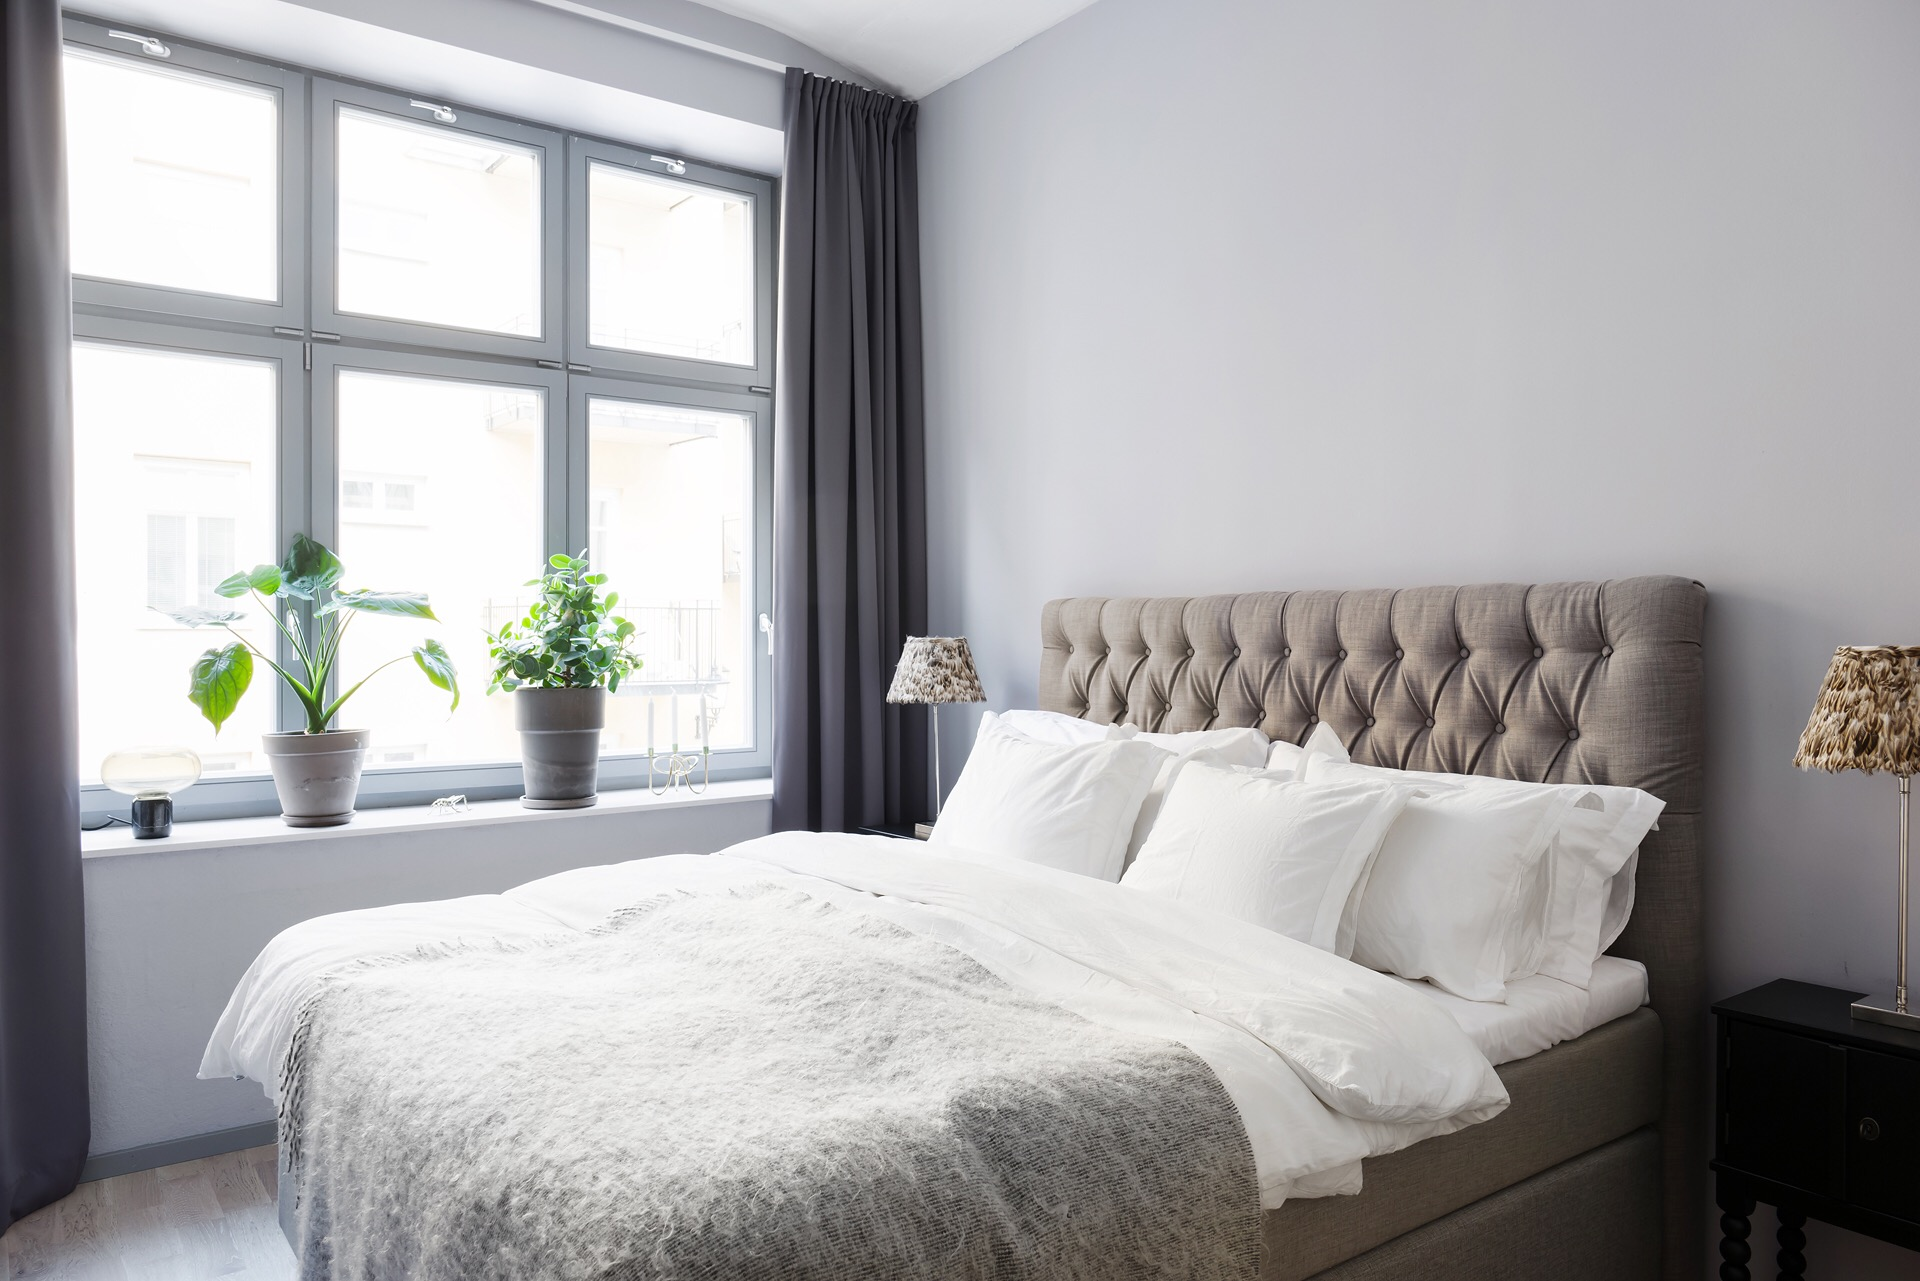 спальня кровать изголовье с утяжками текстиль подушки прикроватные тумбы лампы окно подоконник цветок